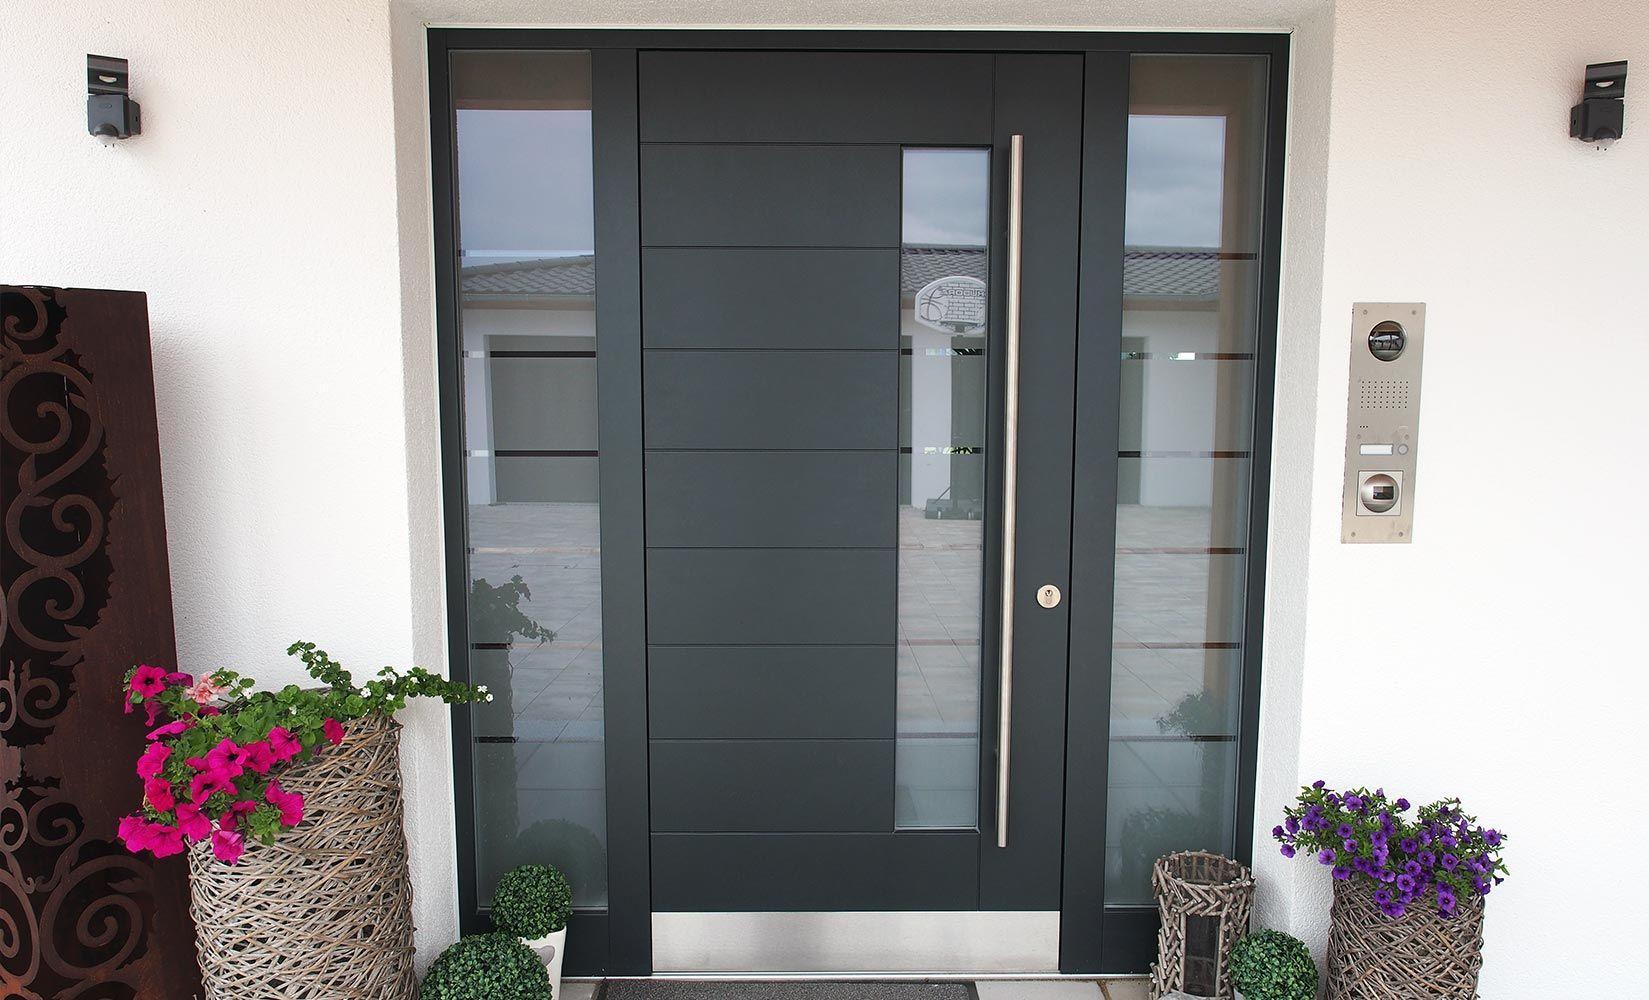 moderne haust ren m ssen neben einer ansprechenden optik auch modernsten sicherheits und. Black Bedroom Furniture Sets. Home Design Ideas